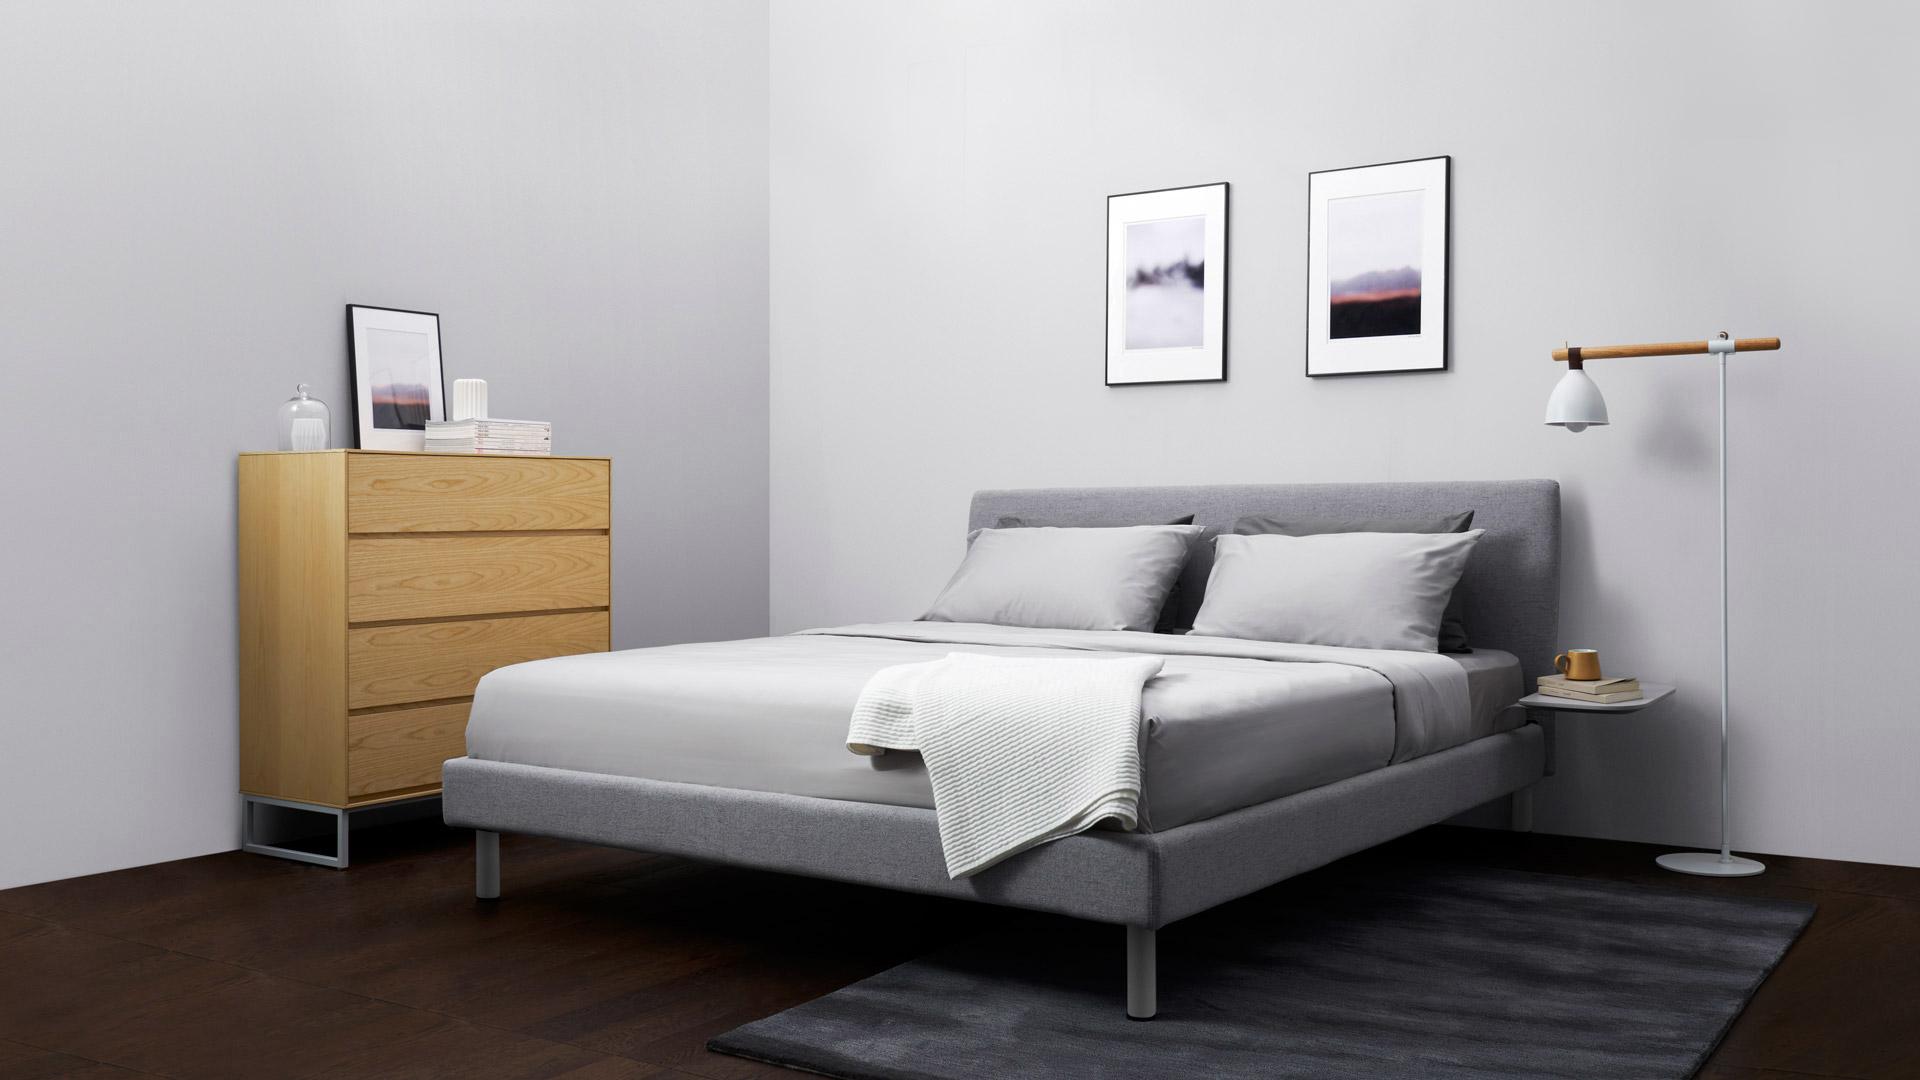 选择新画板斗柜收纳床边零碎,上层平板放置小摆件,四层抽屉留有超大收纳空间,控制到极致的利落线条,触感温润的木本色,营造出空间的简约大方。